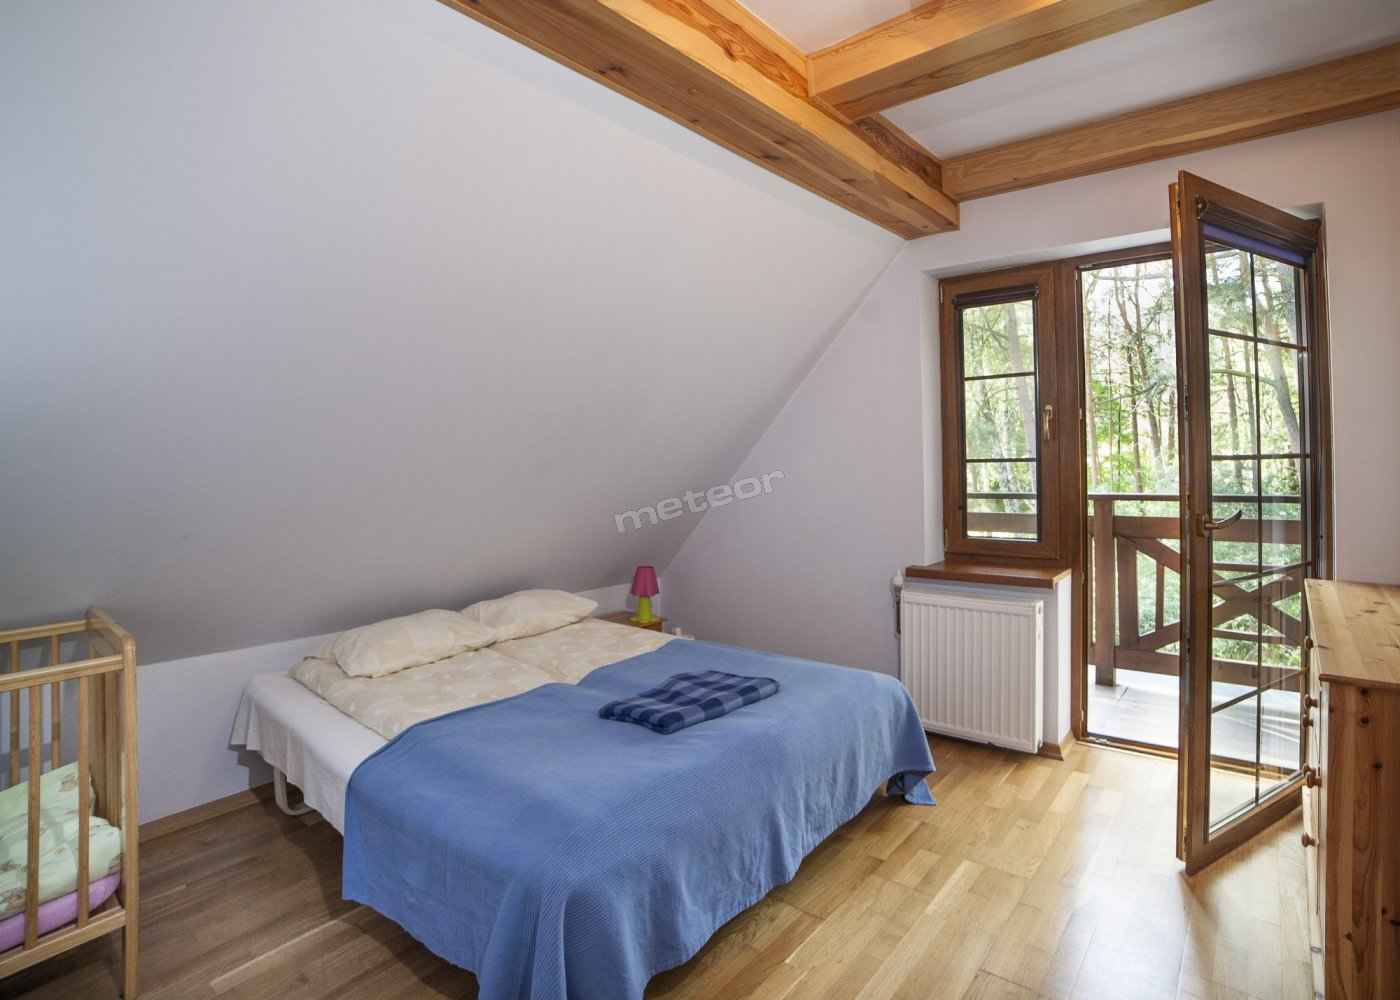 dwuosobowa sypialnia małżeńska z łóżeczkiem niemowlęcym i balkonem